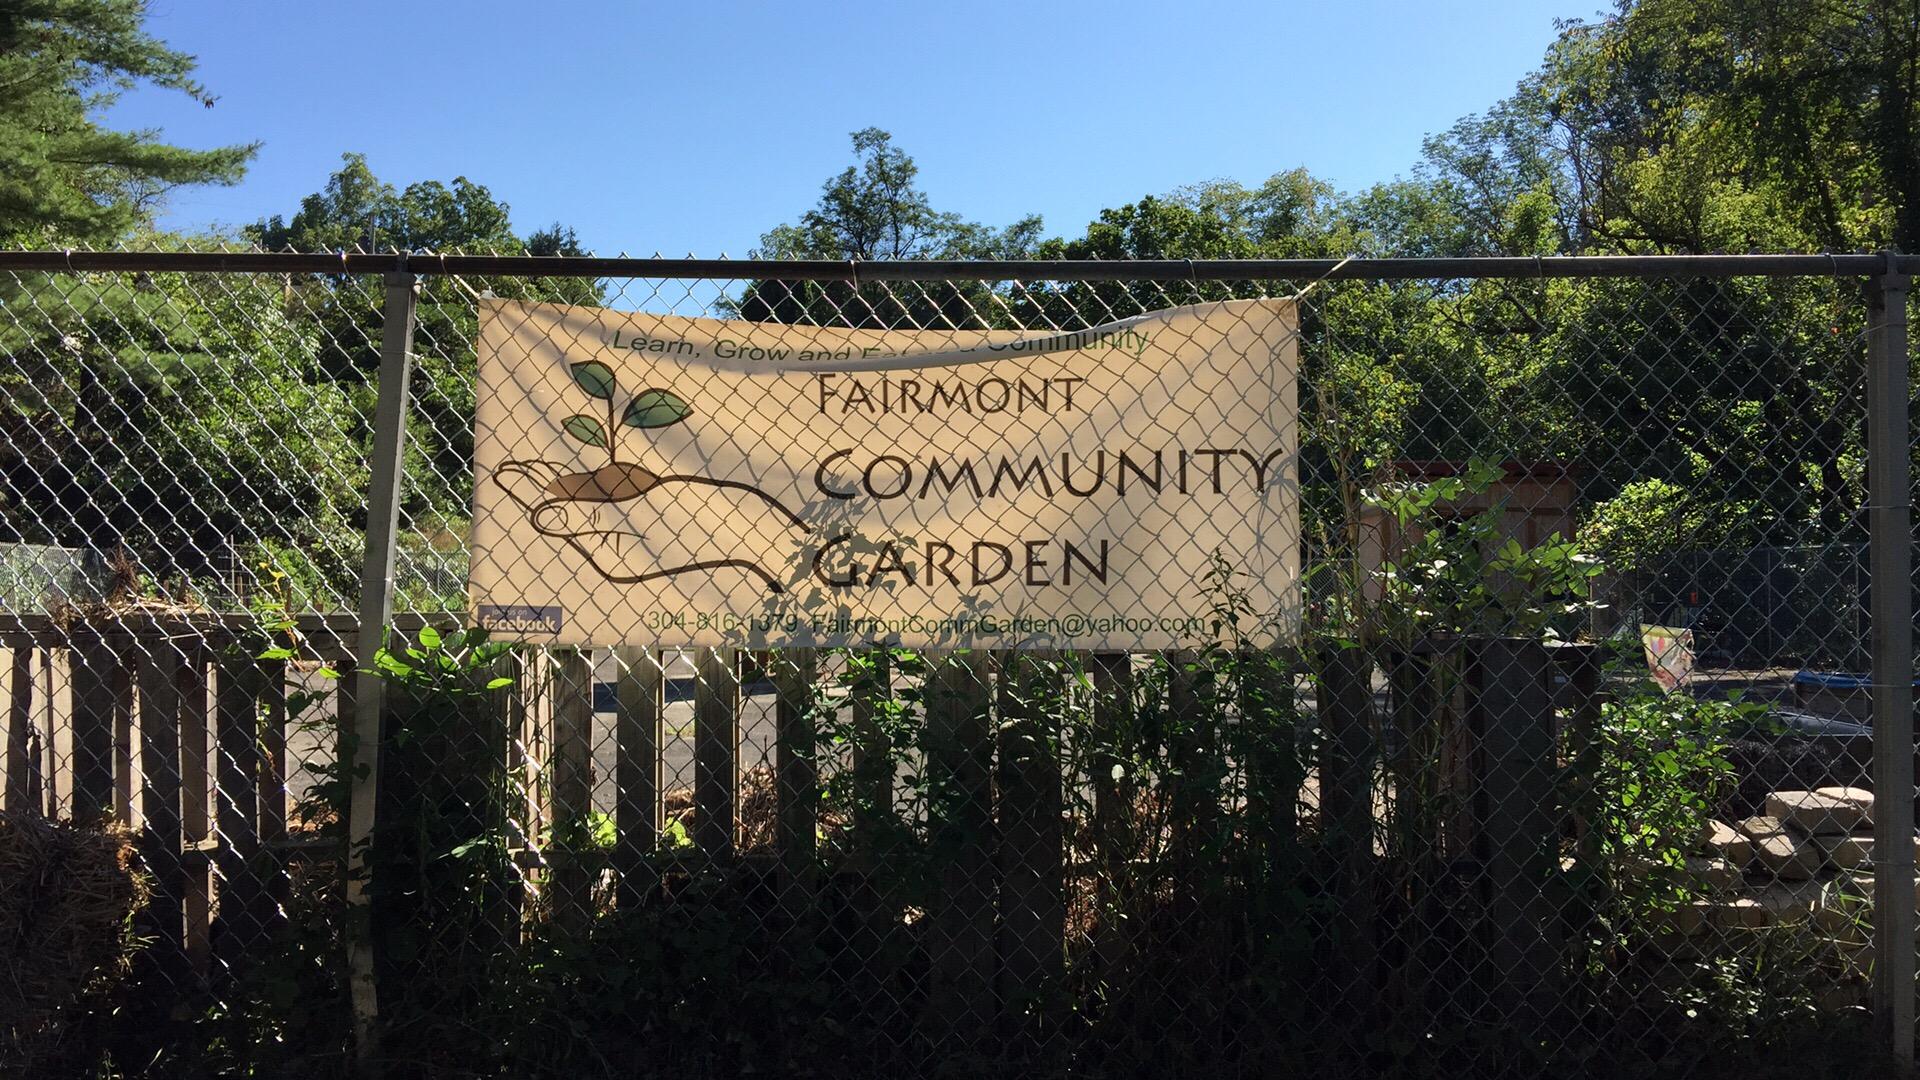 FairmontCommunityGarden